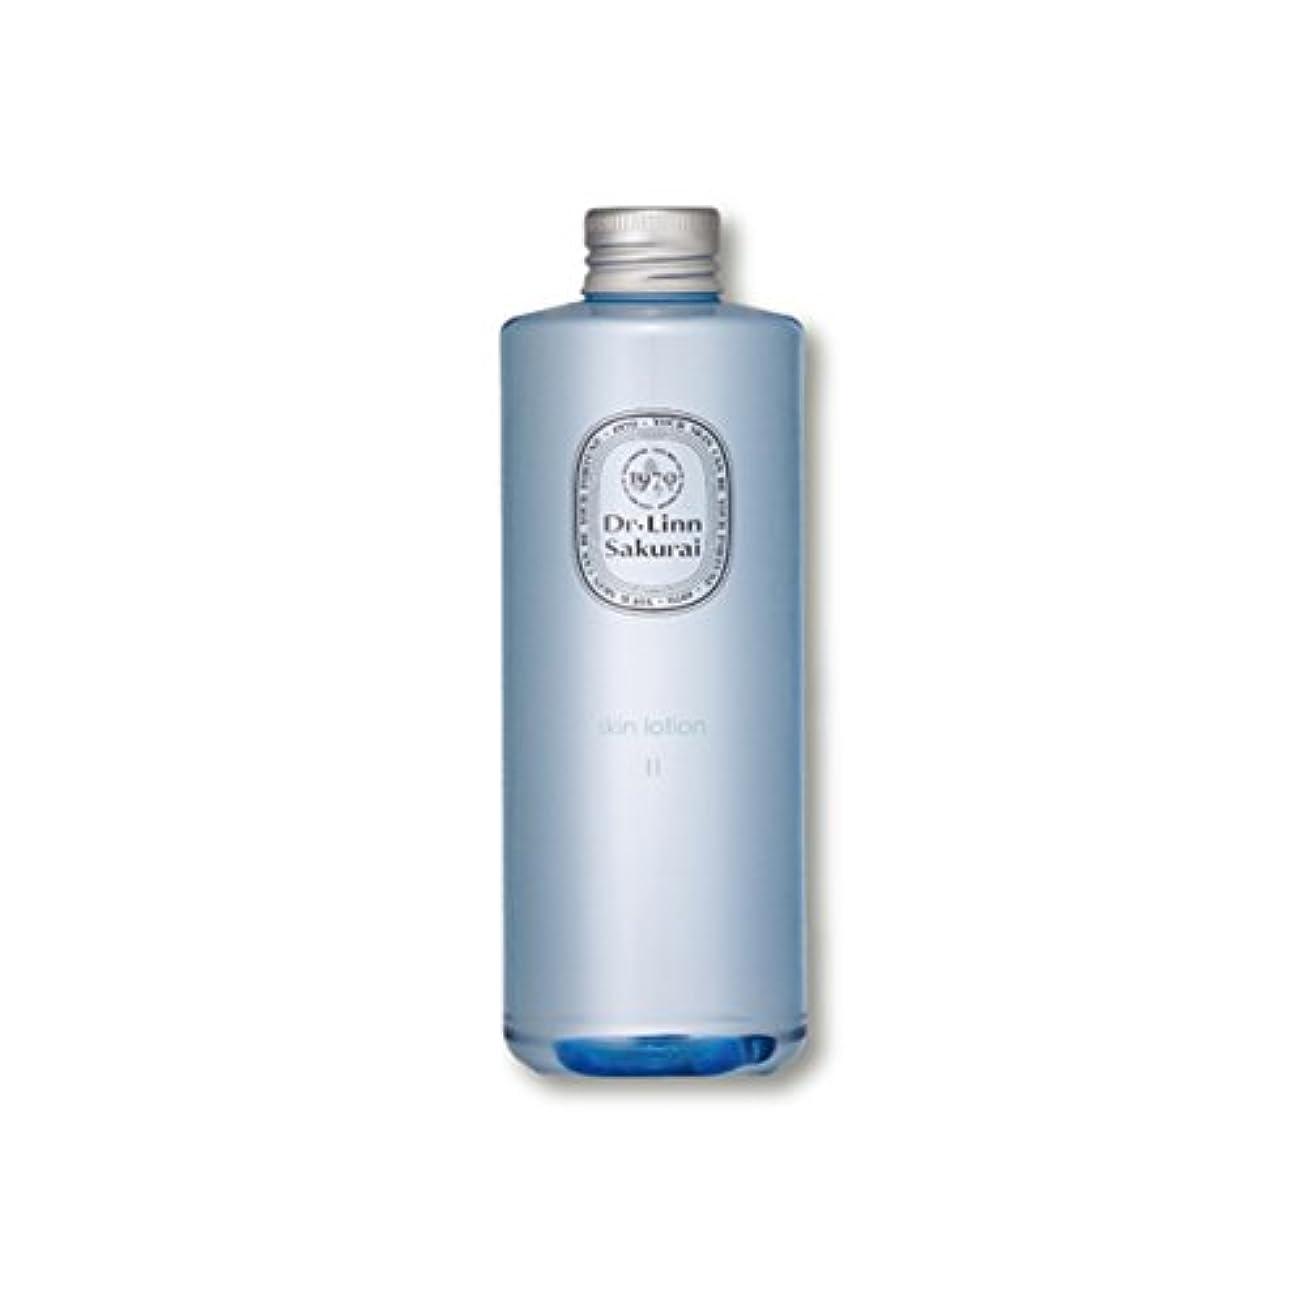 担保落ち込んでいるまた明日ねドクターリンサクライ スキンローションII しっとりタイプ 300ml  (化粧水)